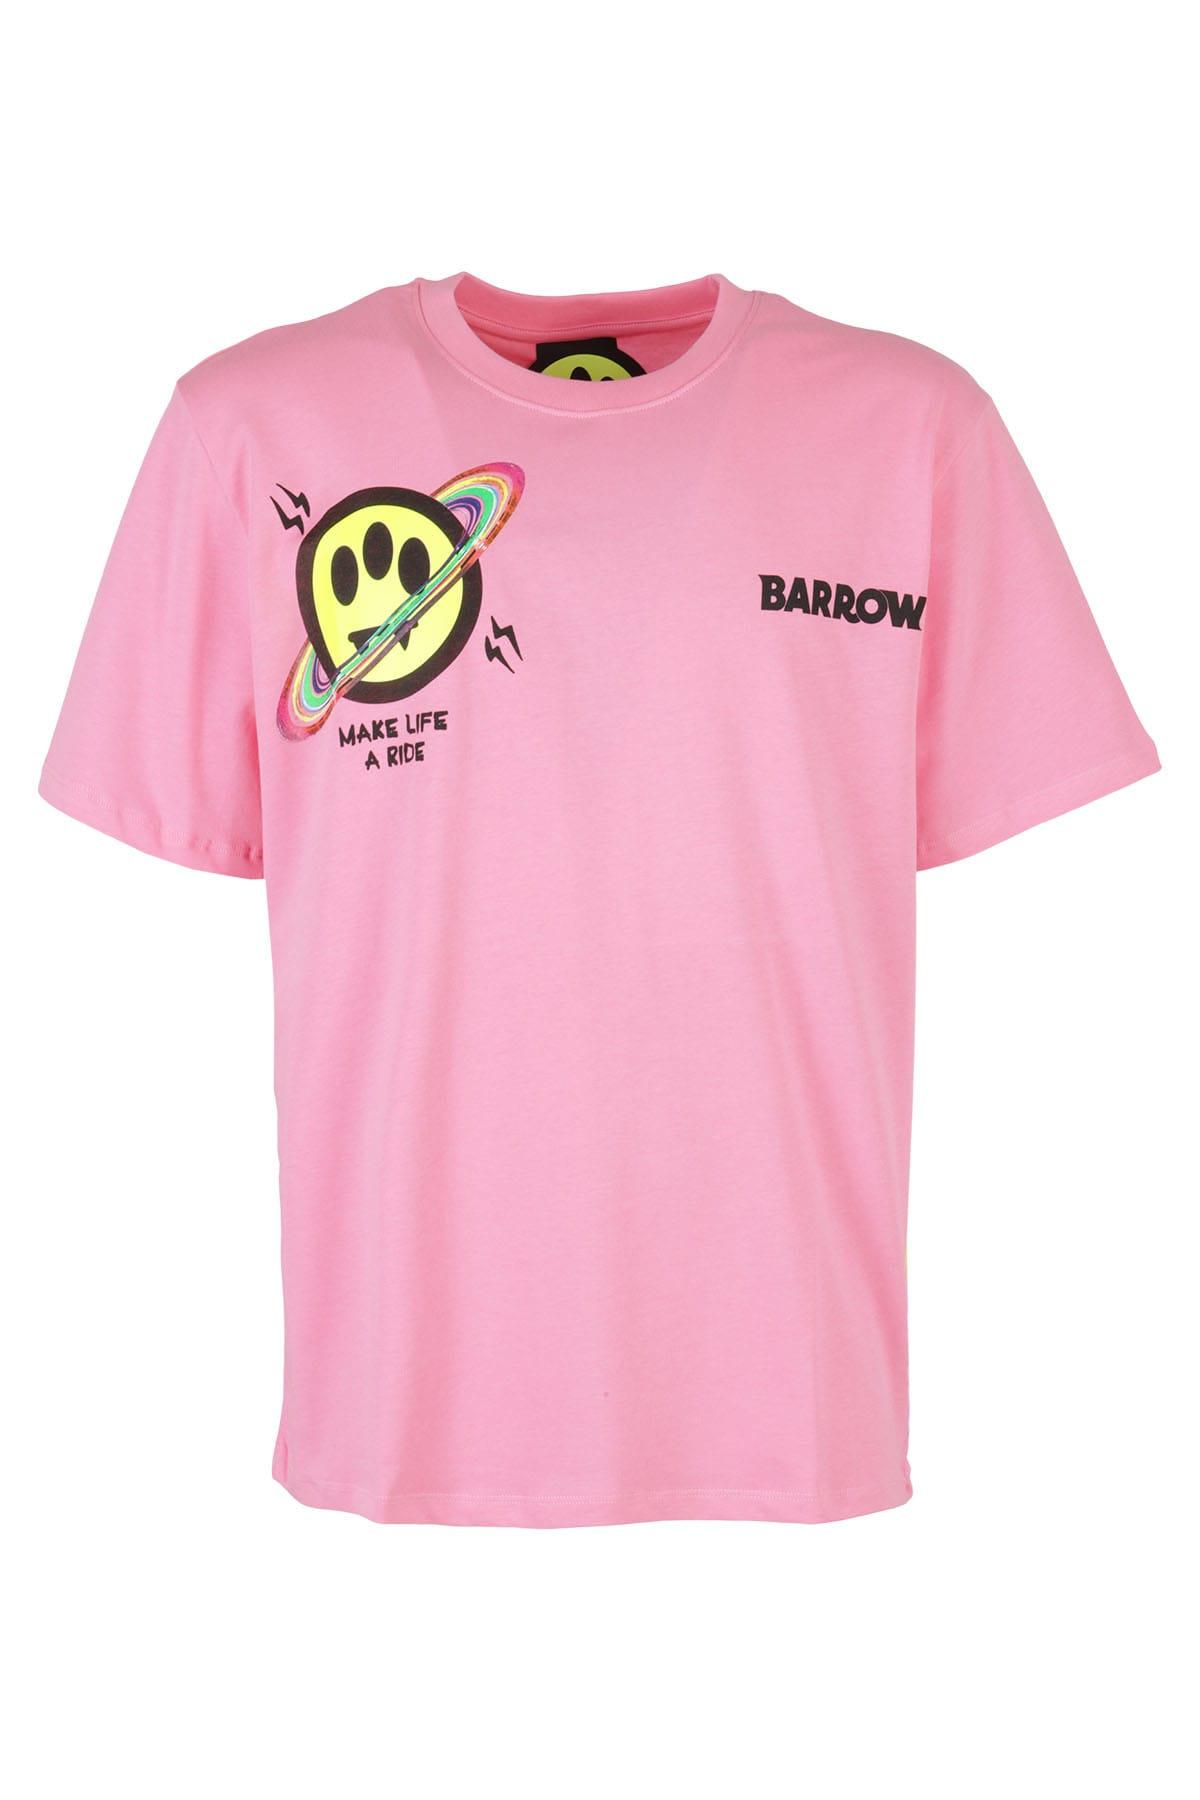 Barrow Cottons T-SHIRT